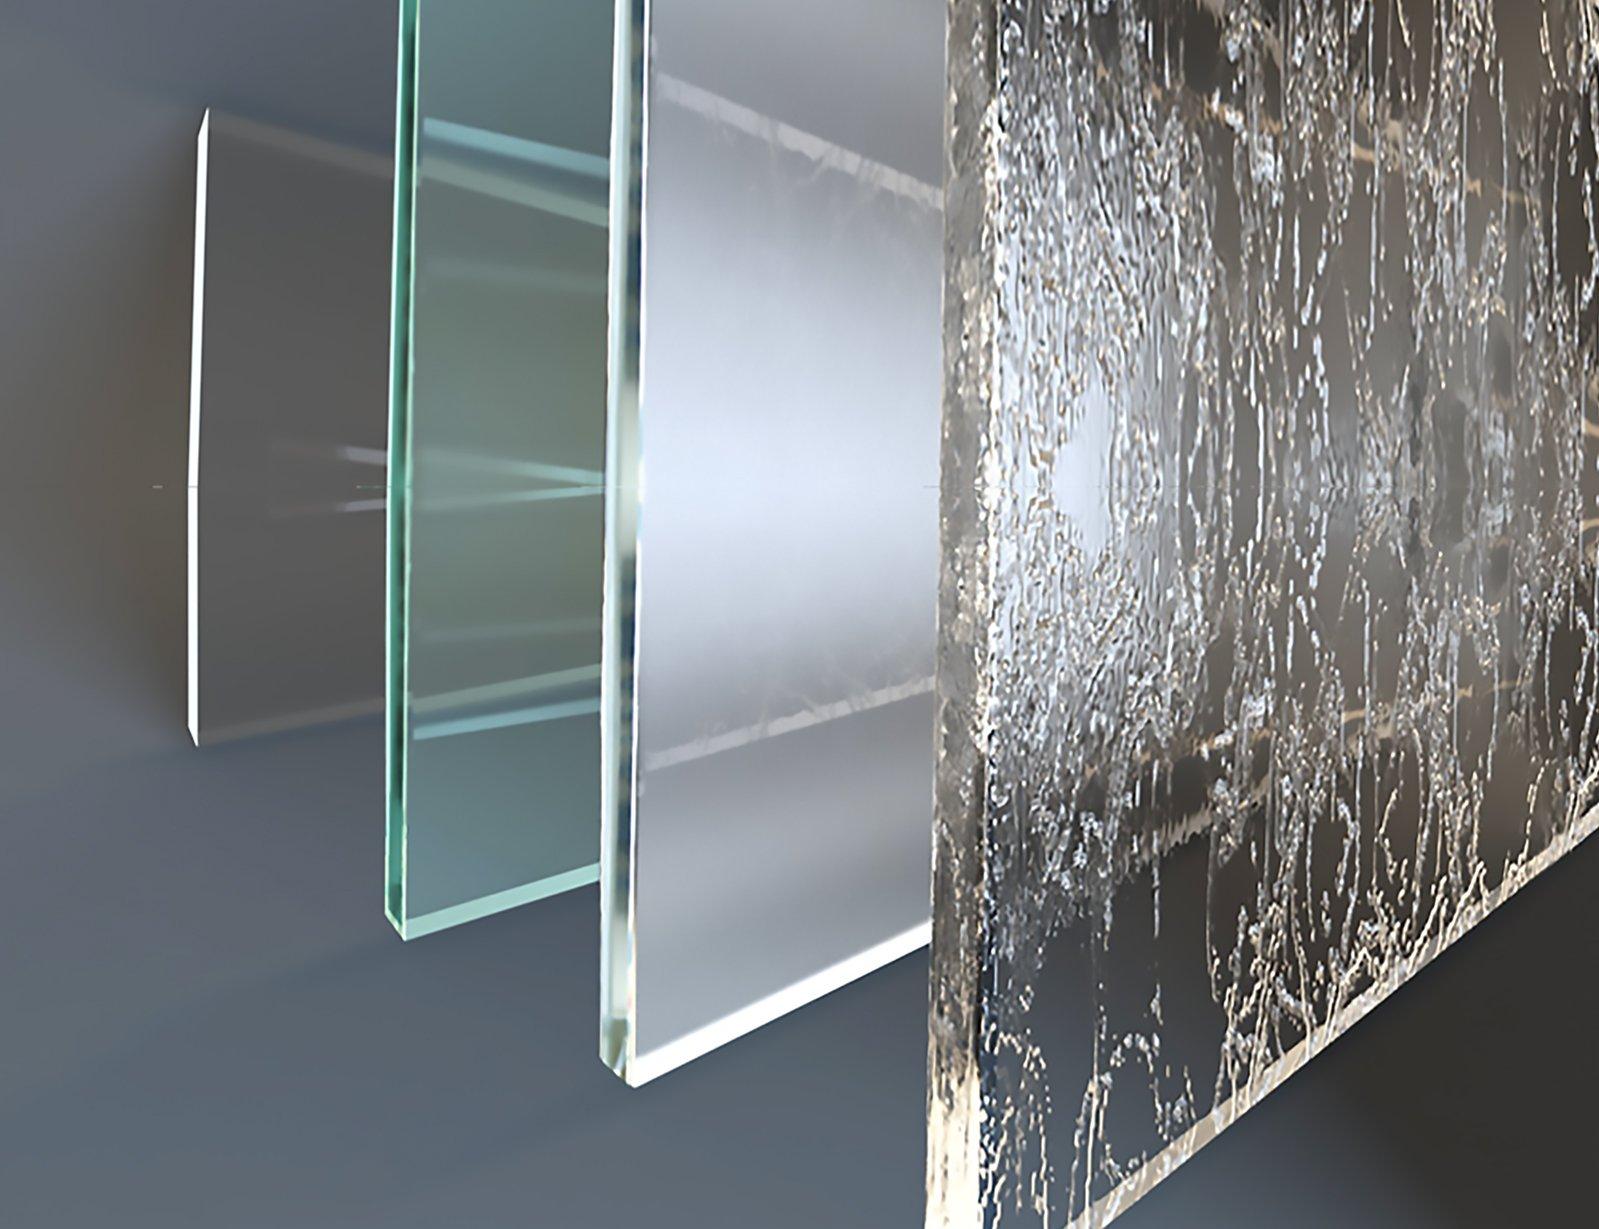 Противоударный стеклопакет с закаленным стеклом